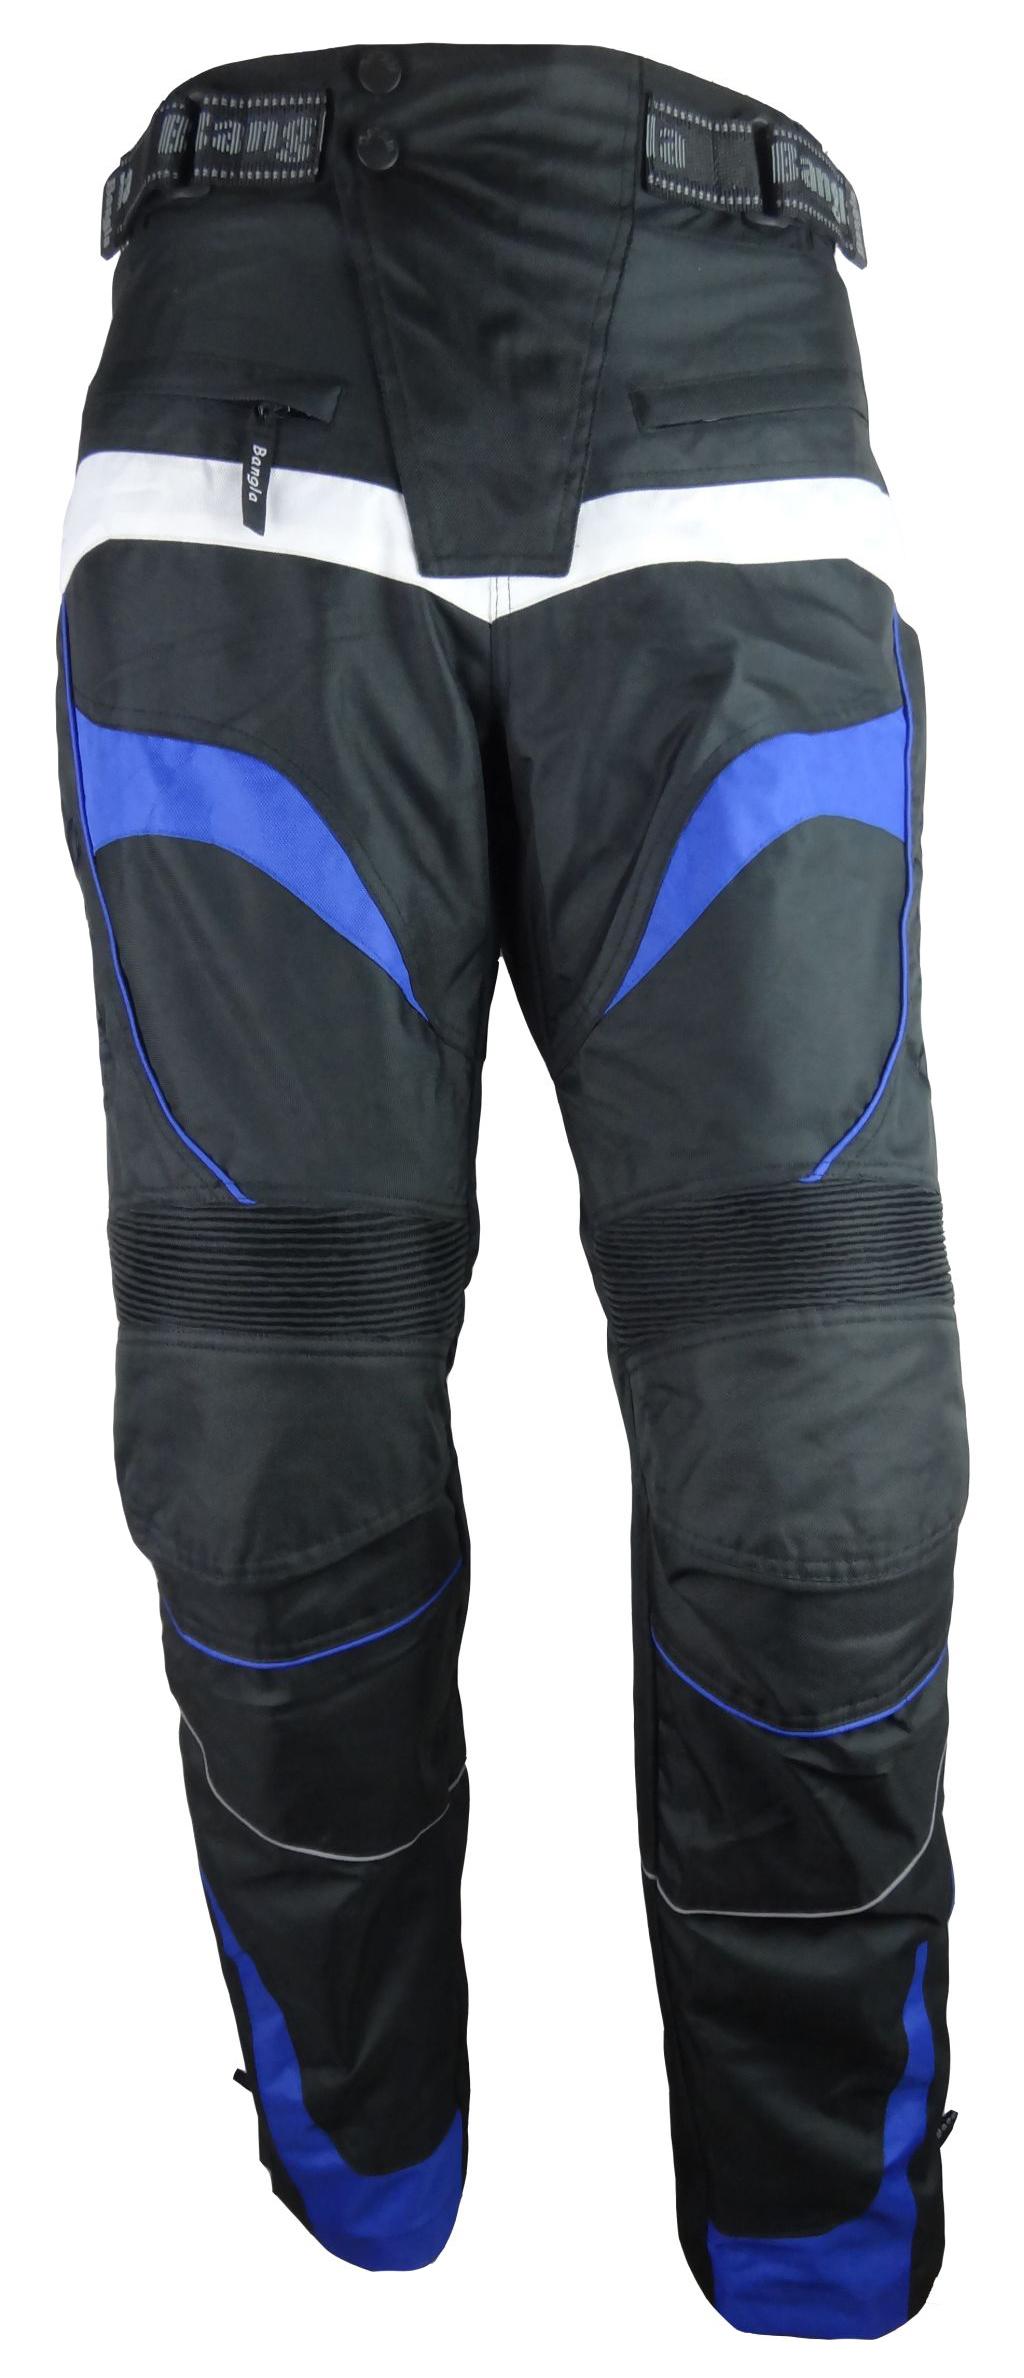 Bangla Motorrad Hose Motorradhose Protektoren Textil schwarz blau weiss S - 8 XL